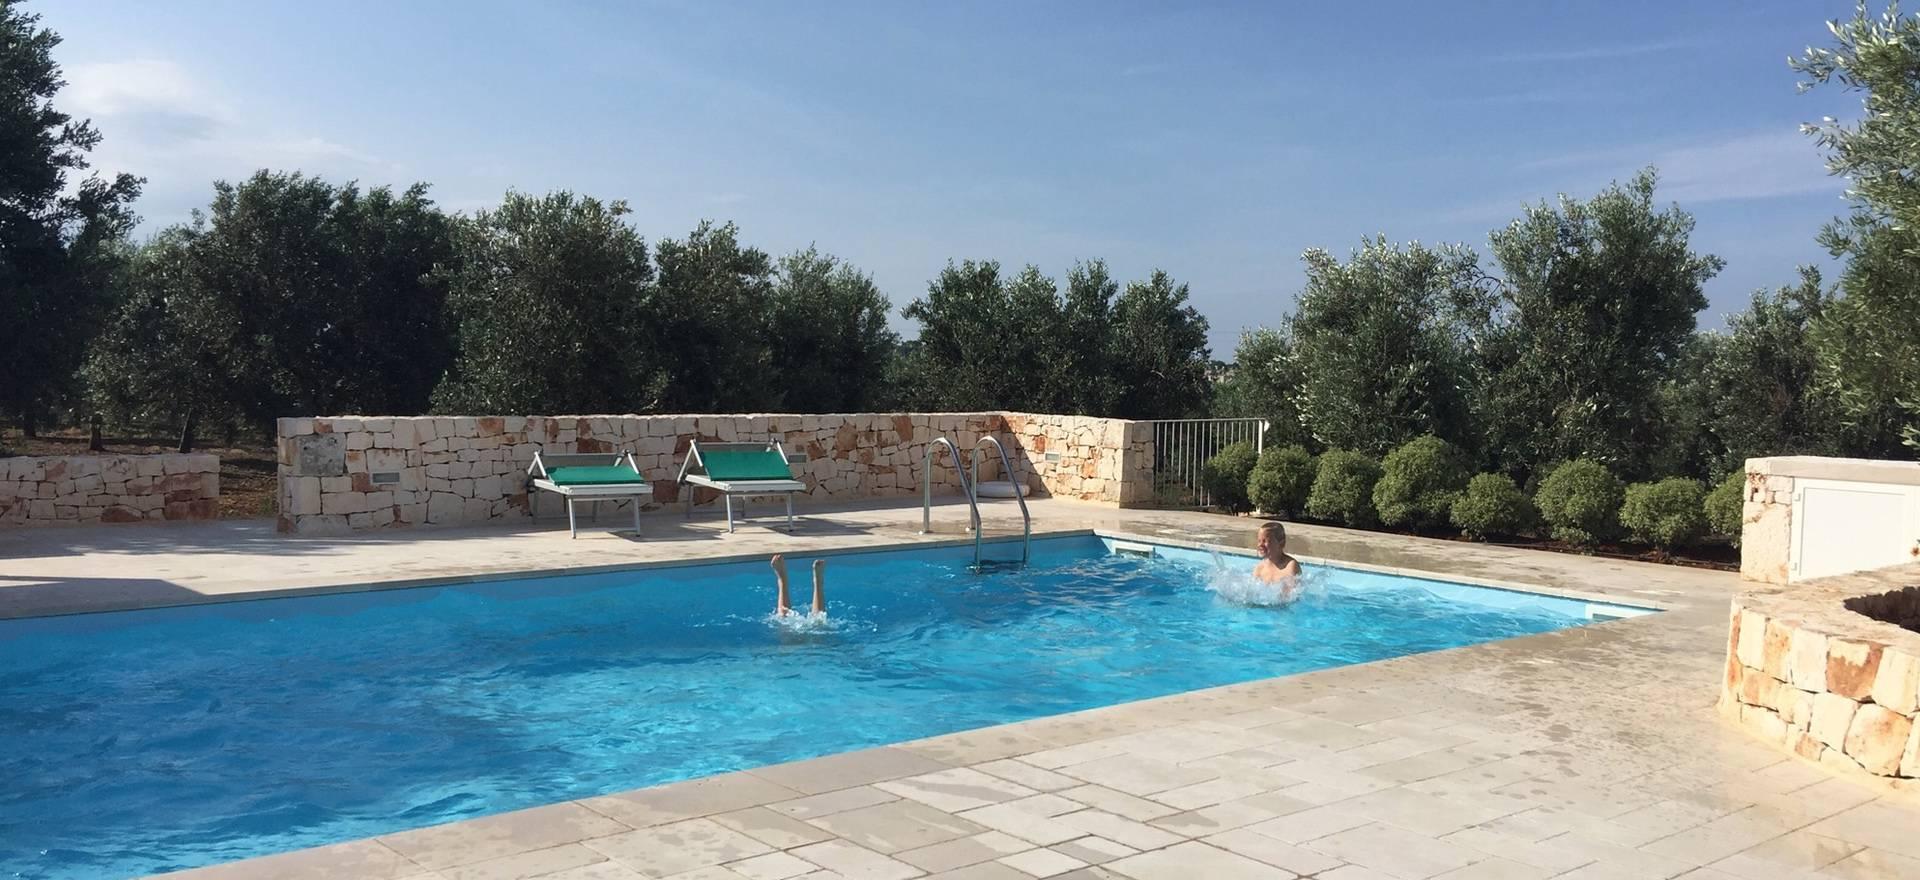 Prachtige verbouwde trullo met privé zwembad